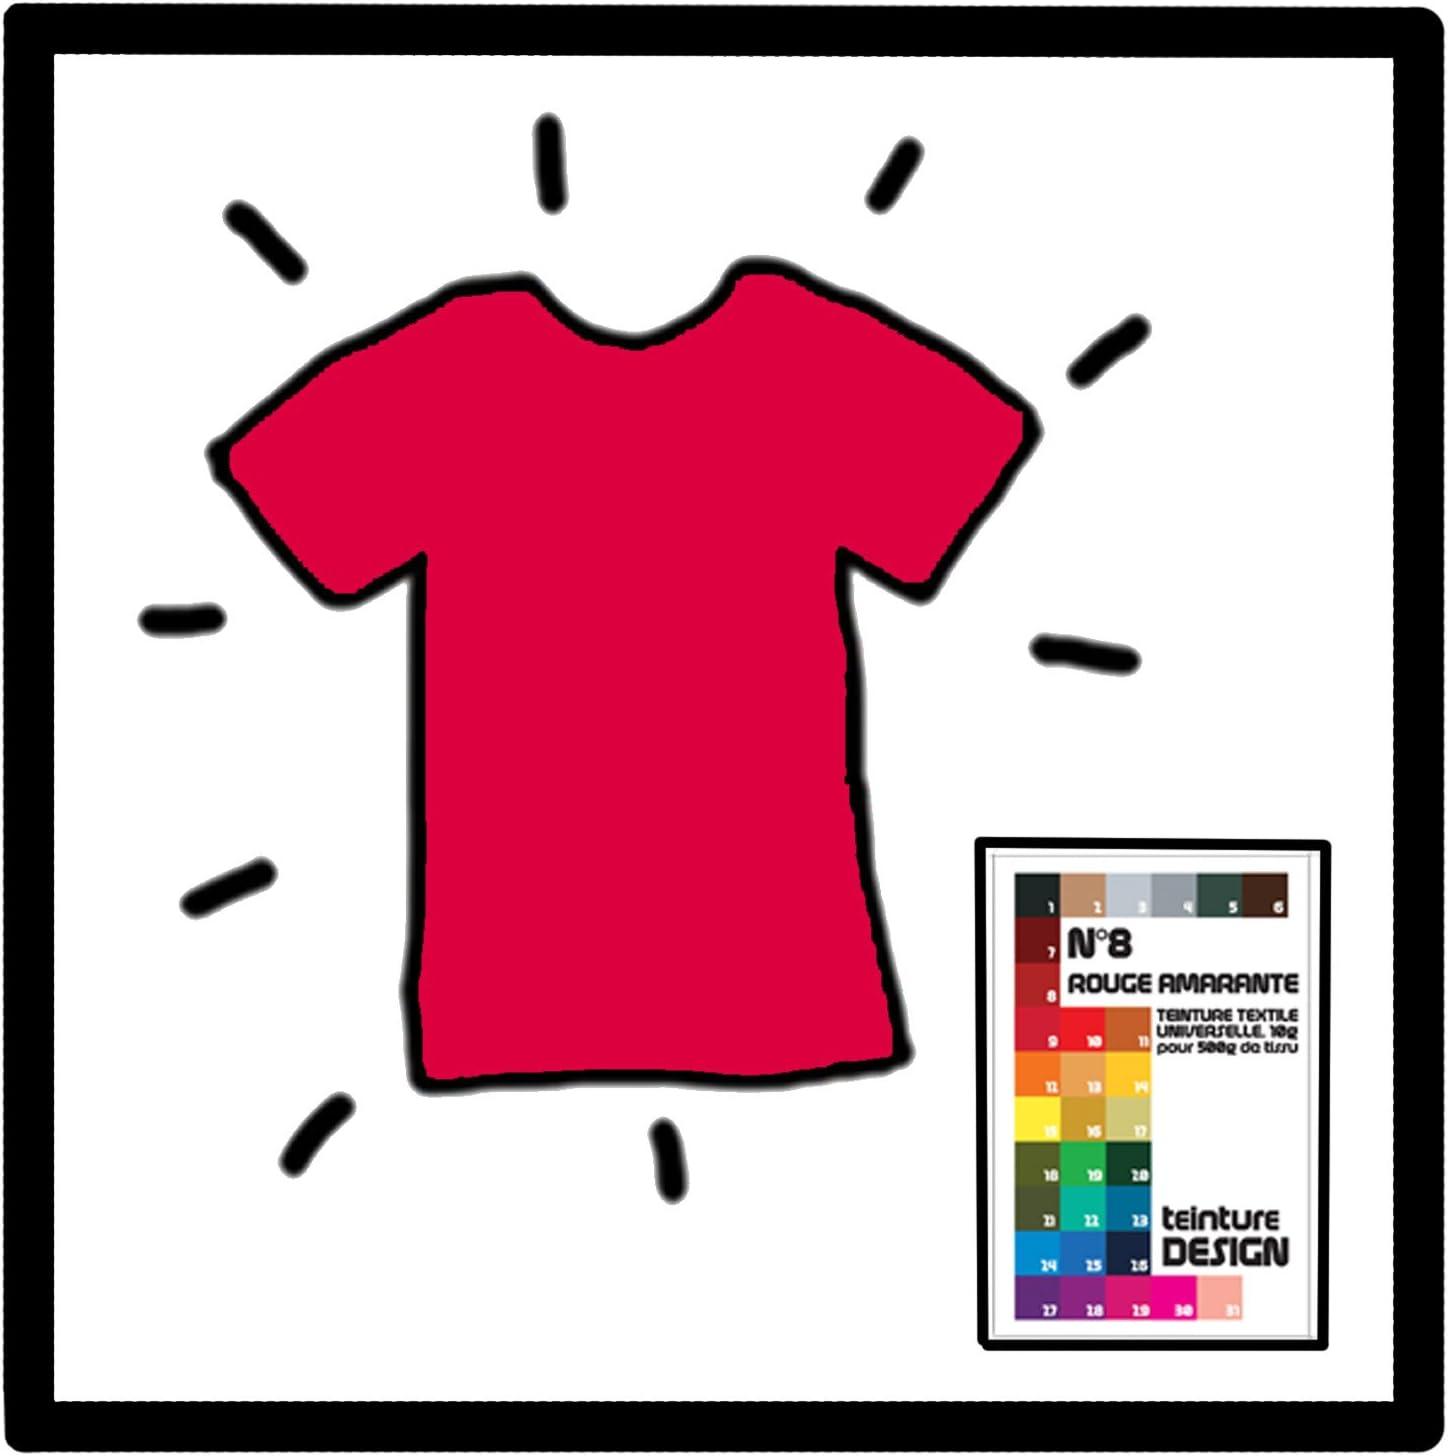 Tinte textil, color amaranto: Amazon.es: Bricolaje y herramientas